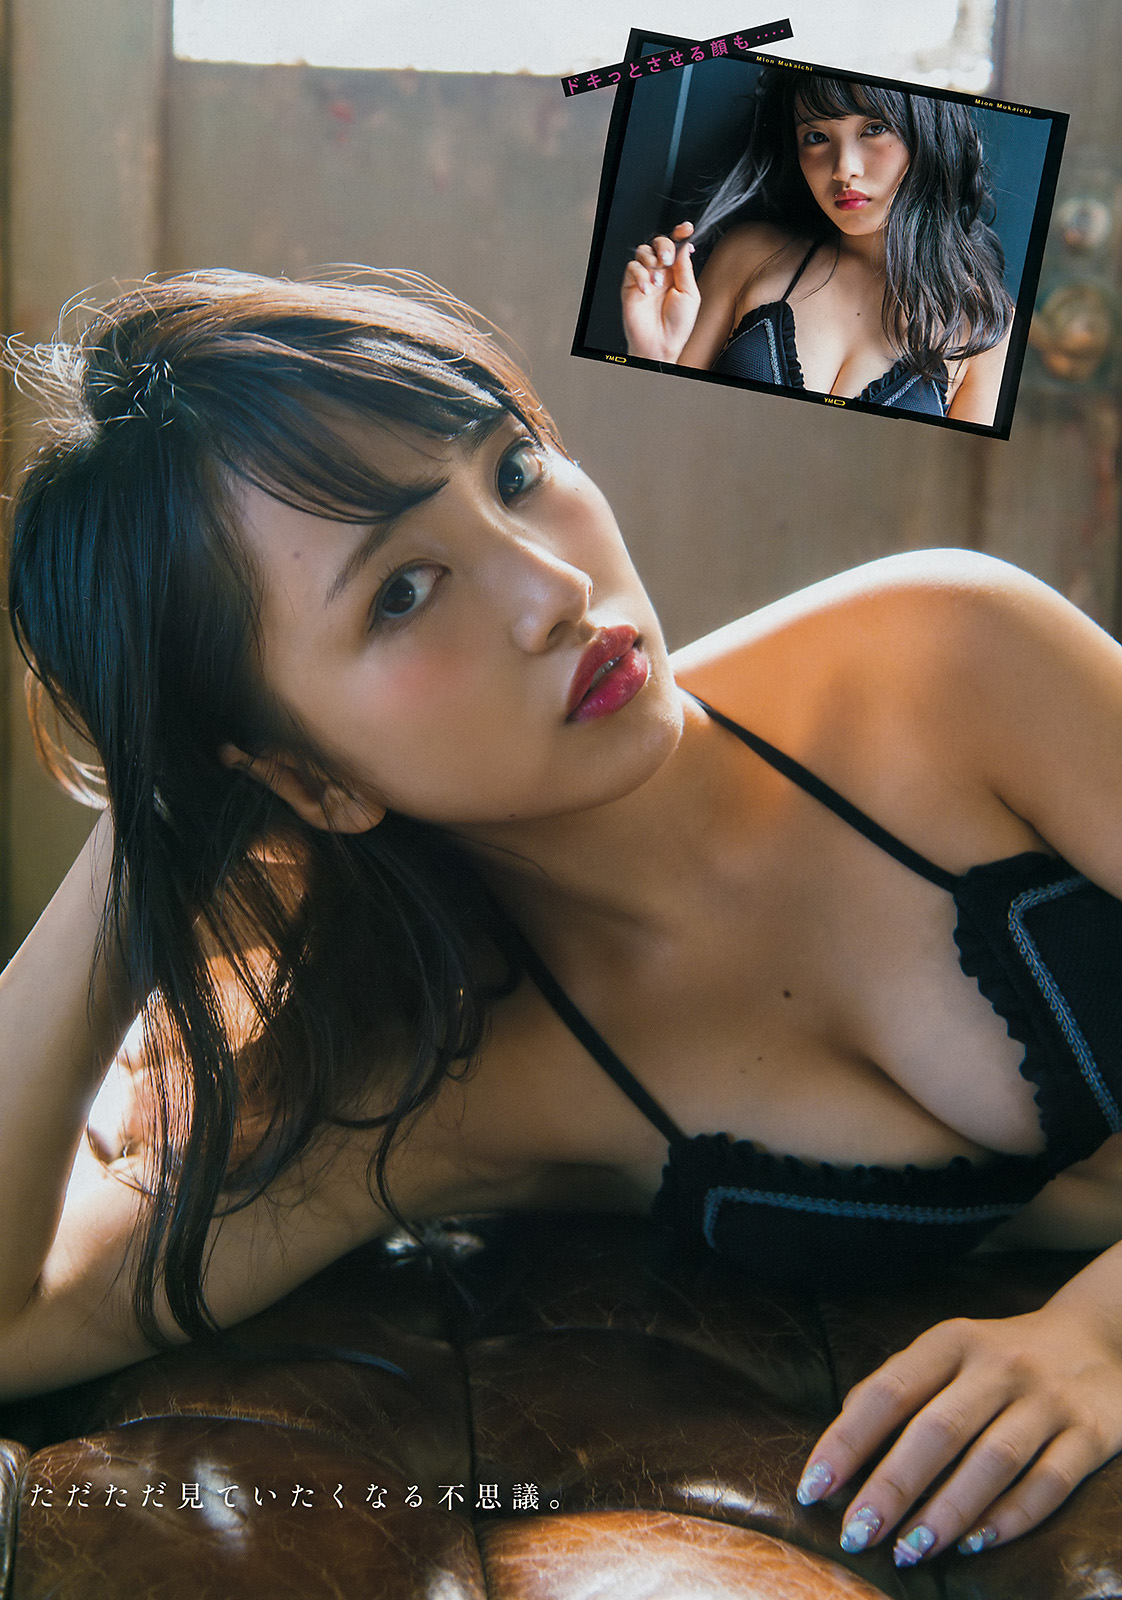 Eカップ美巨乳のみーおんえろ写真☆向井地美音とかいうAKB48次世代エースがけしからんえろさwwwwwwwwww